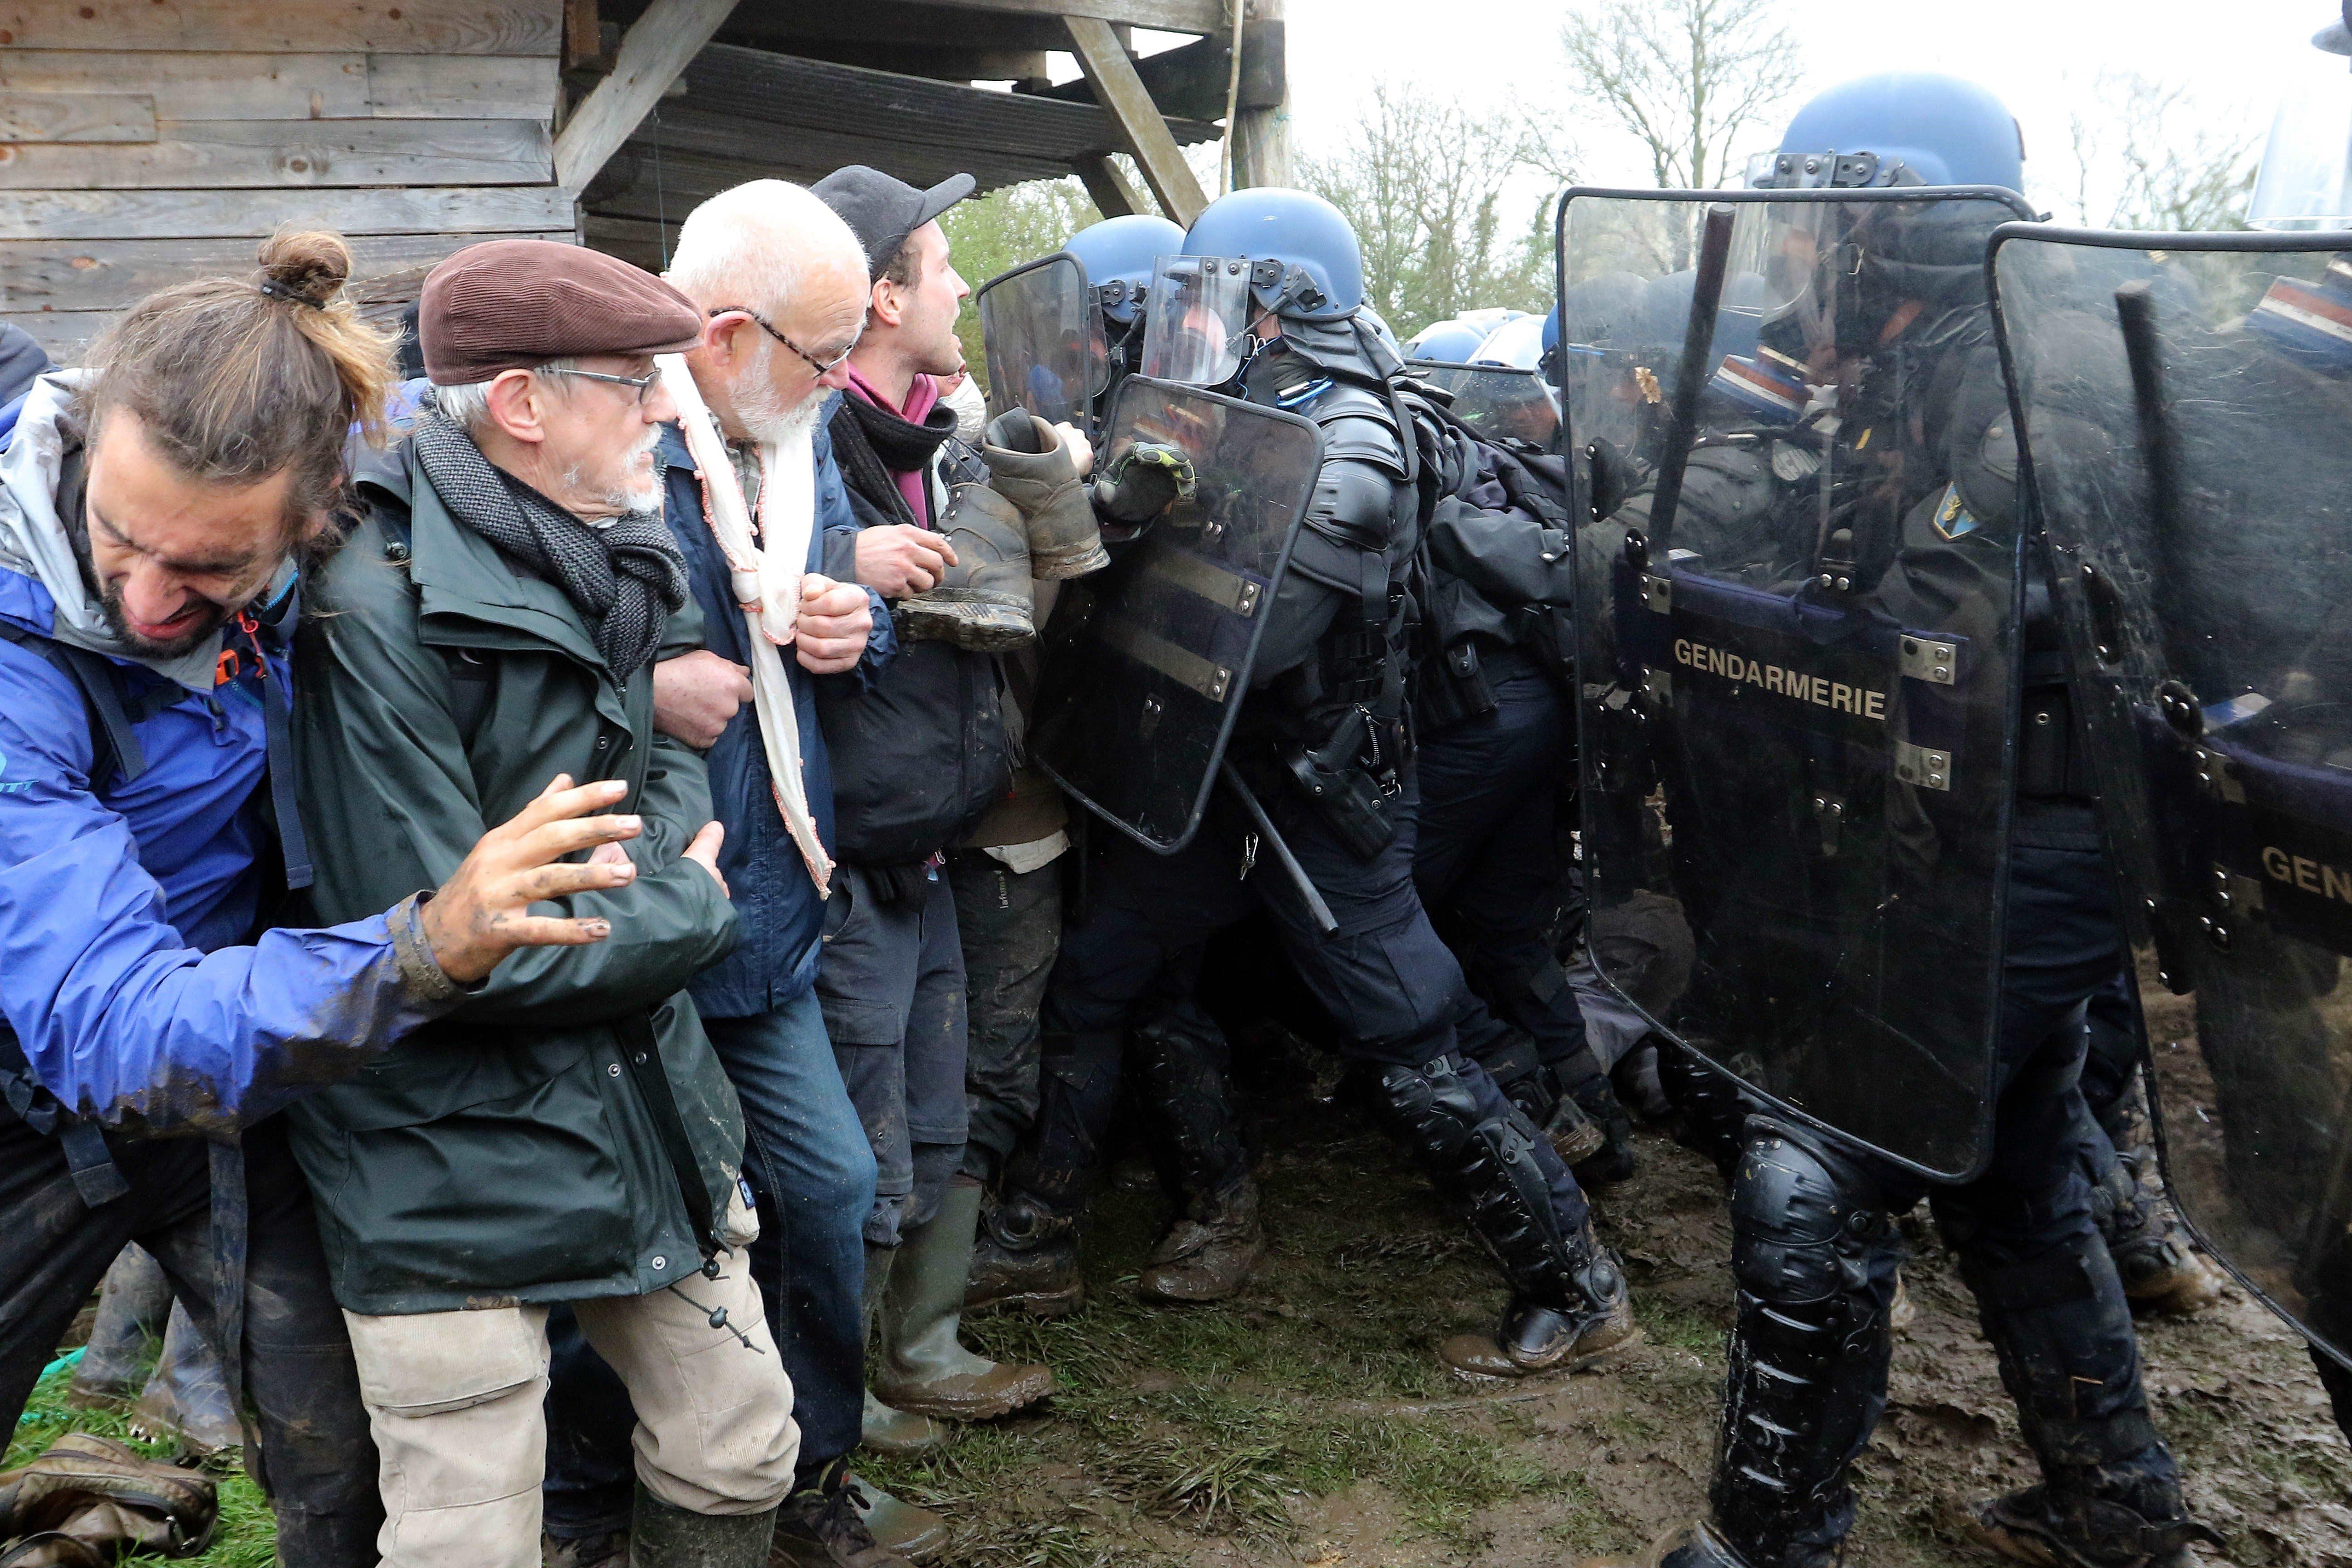 La policia francesa desallotja els habitants d'una comuna a Notre Dame des Landes, que s'havia alçat arran d'un projecte, ja descartat, per construir un aeroport en aquesta zona d'alt valor ecològic. /EDDY LEMAISTRE